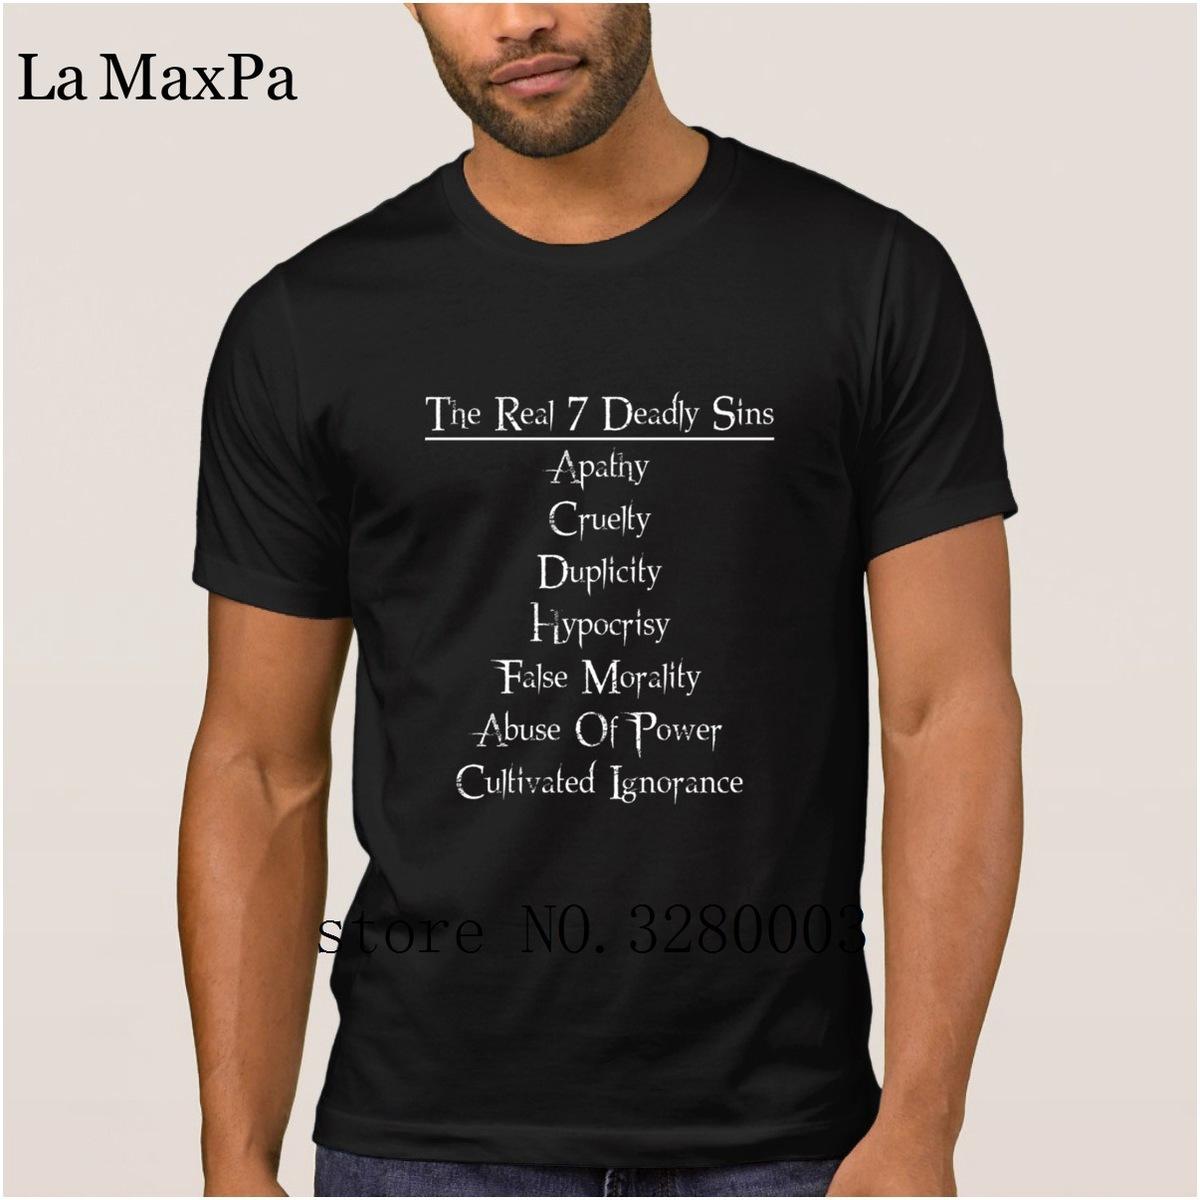 La Maxpa Print camiseta nueva para hombres 7 deadly sins men camiseta Sunlight Leisure camiseta para hombres tallas grandes Top Quality